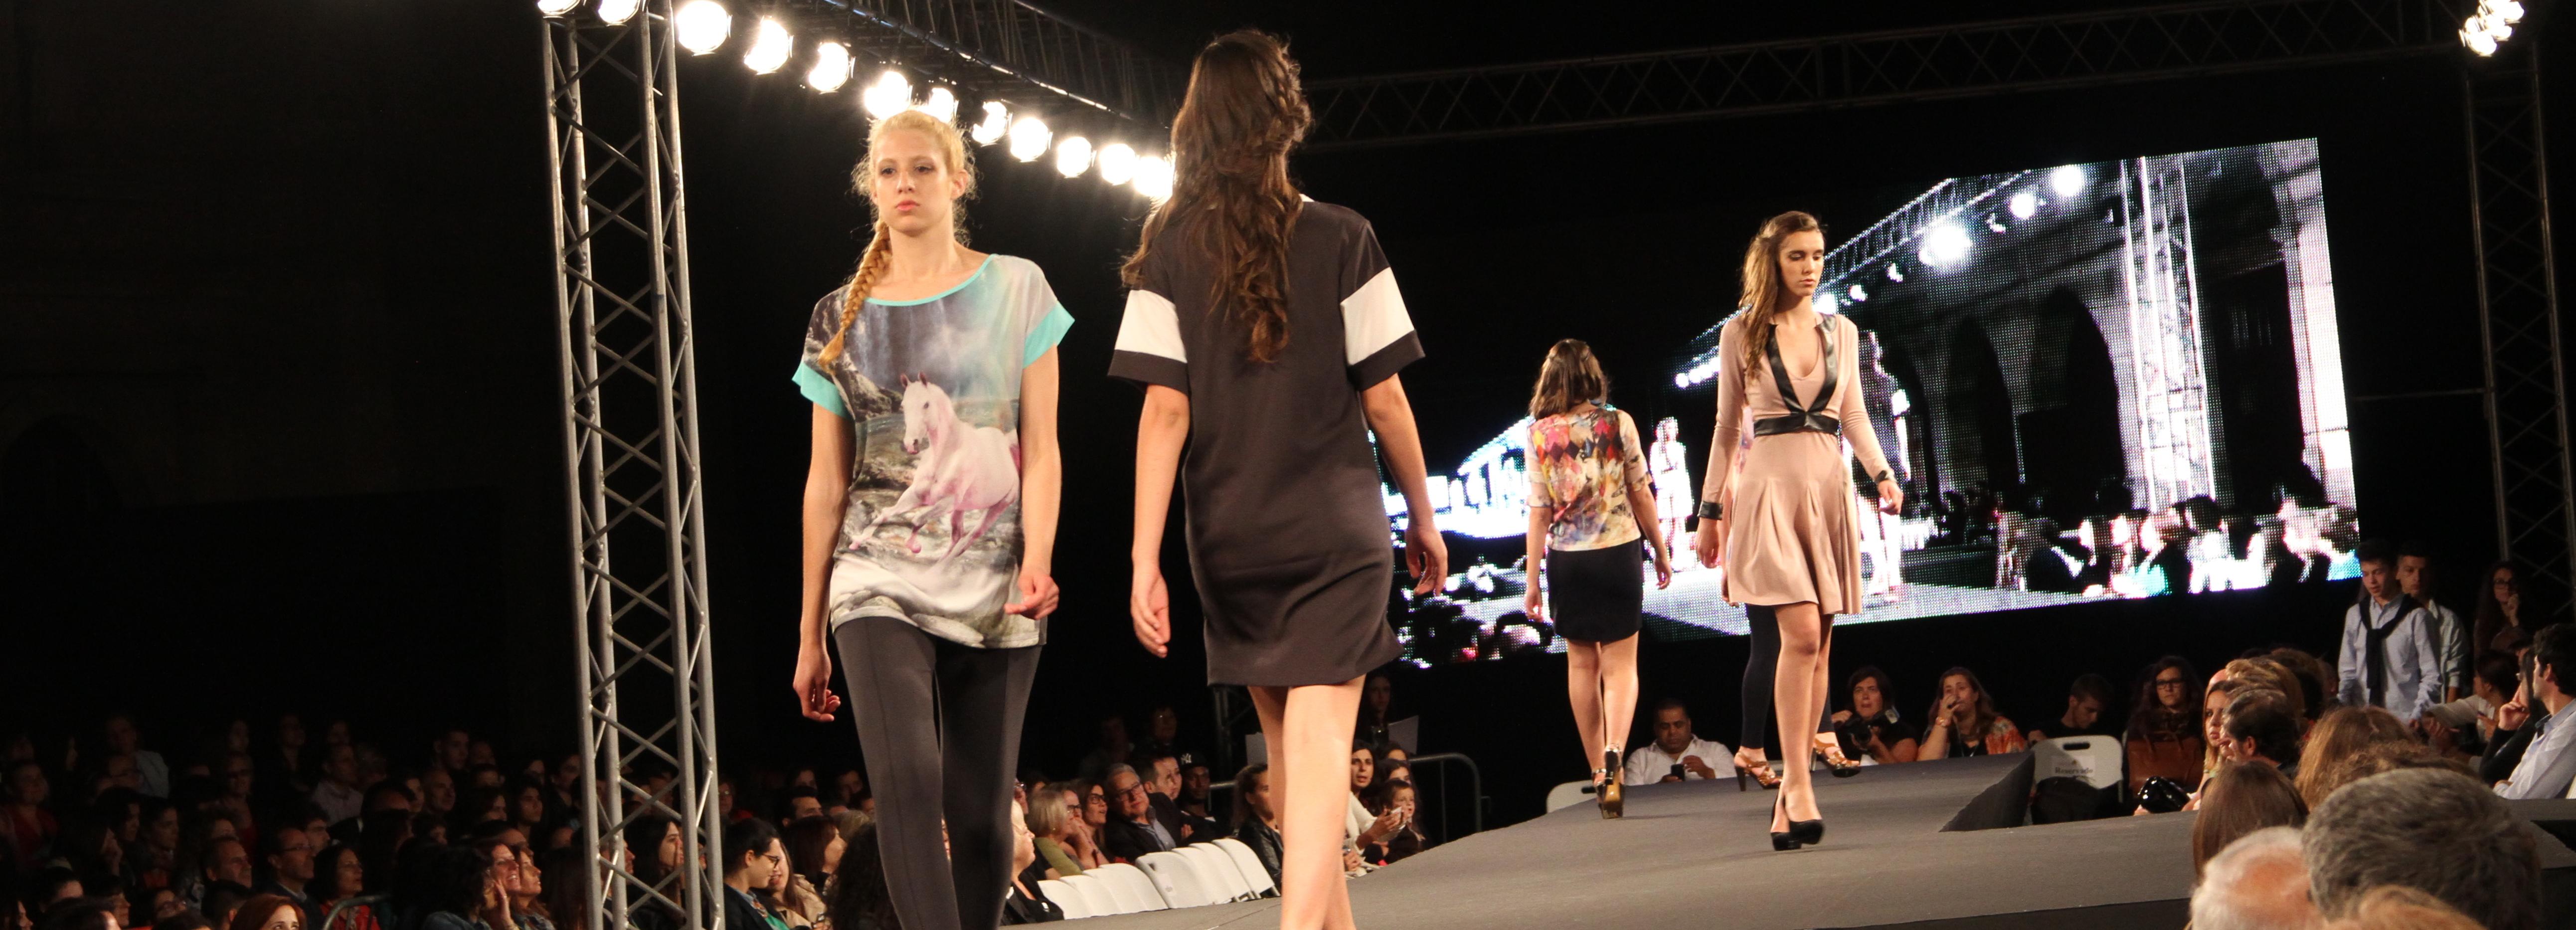 Desfiles do Moda Barcelos 2015 nos dias 26 e 27 de junho